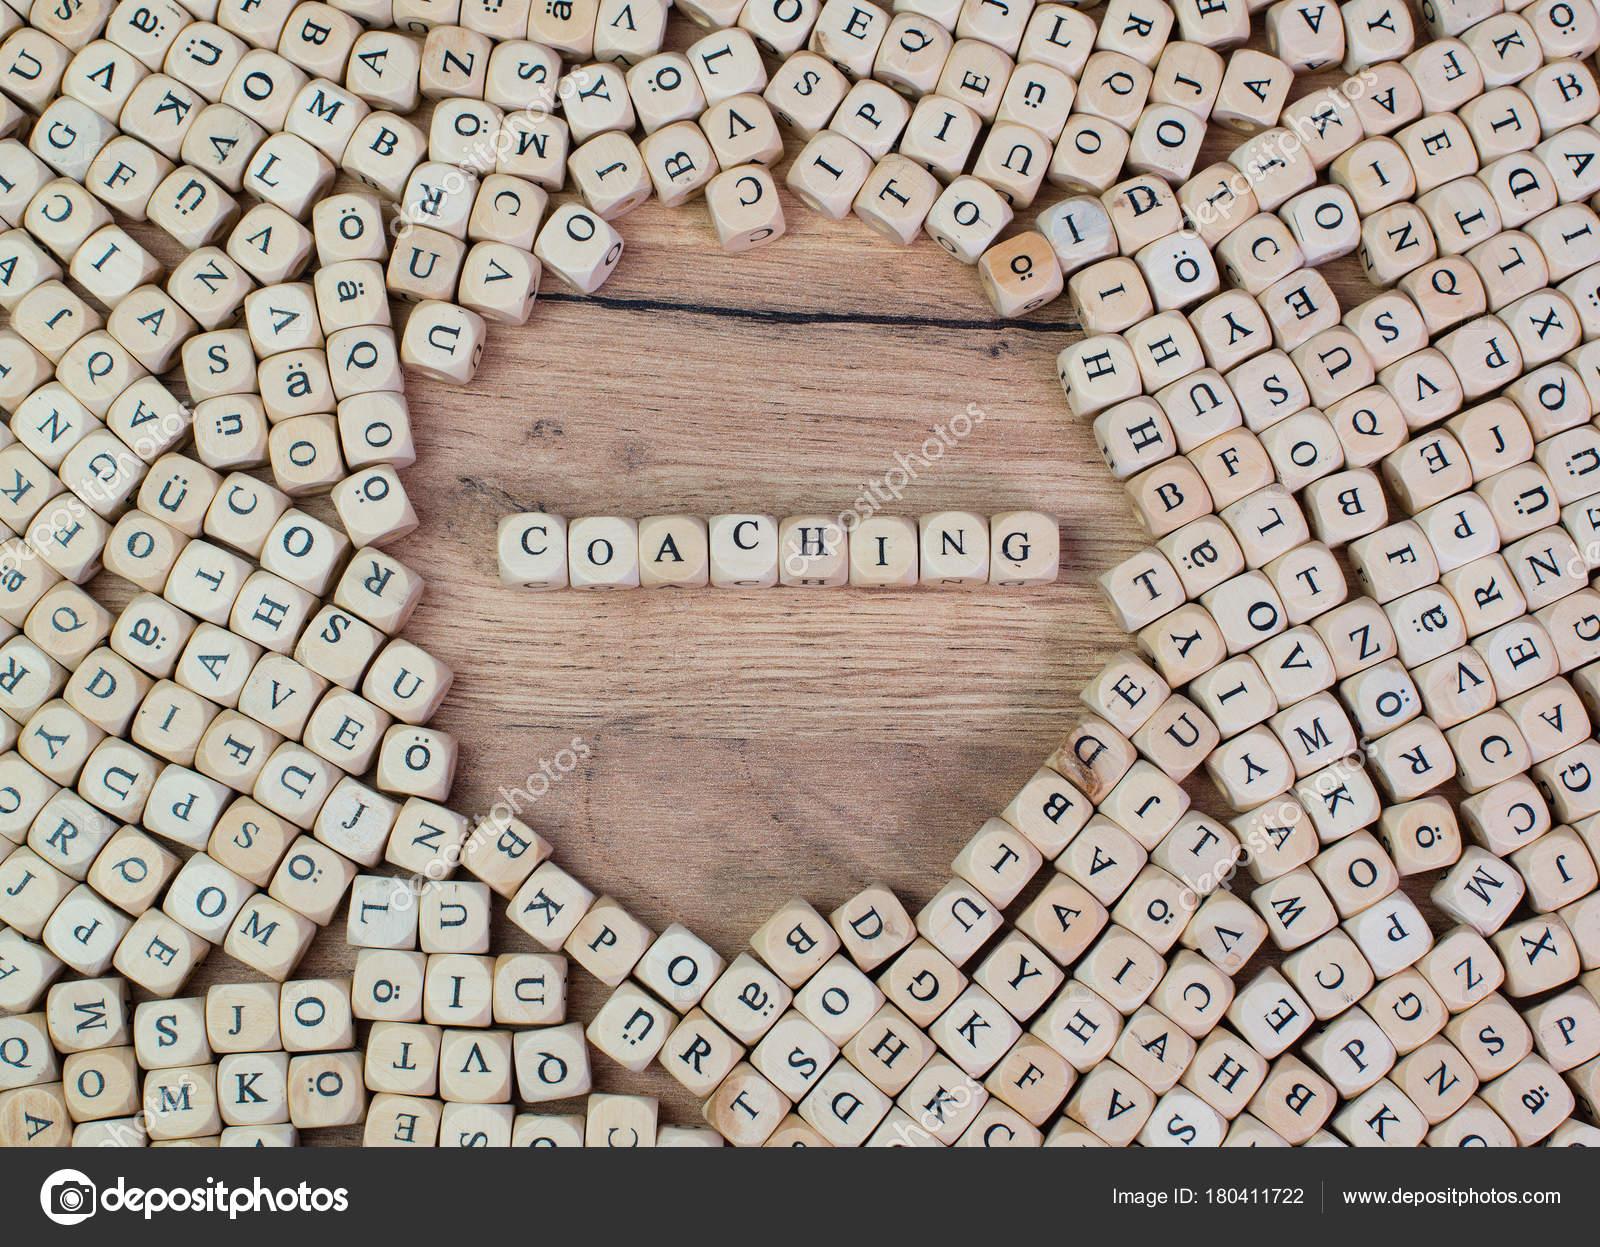 Coaching Von Namen Buchstaben Auf Cube Würfel Auf Tisch — Stockfoto ...